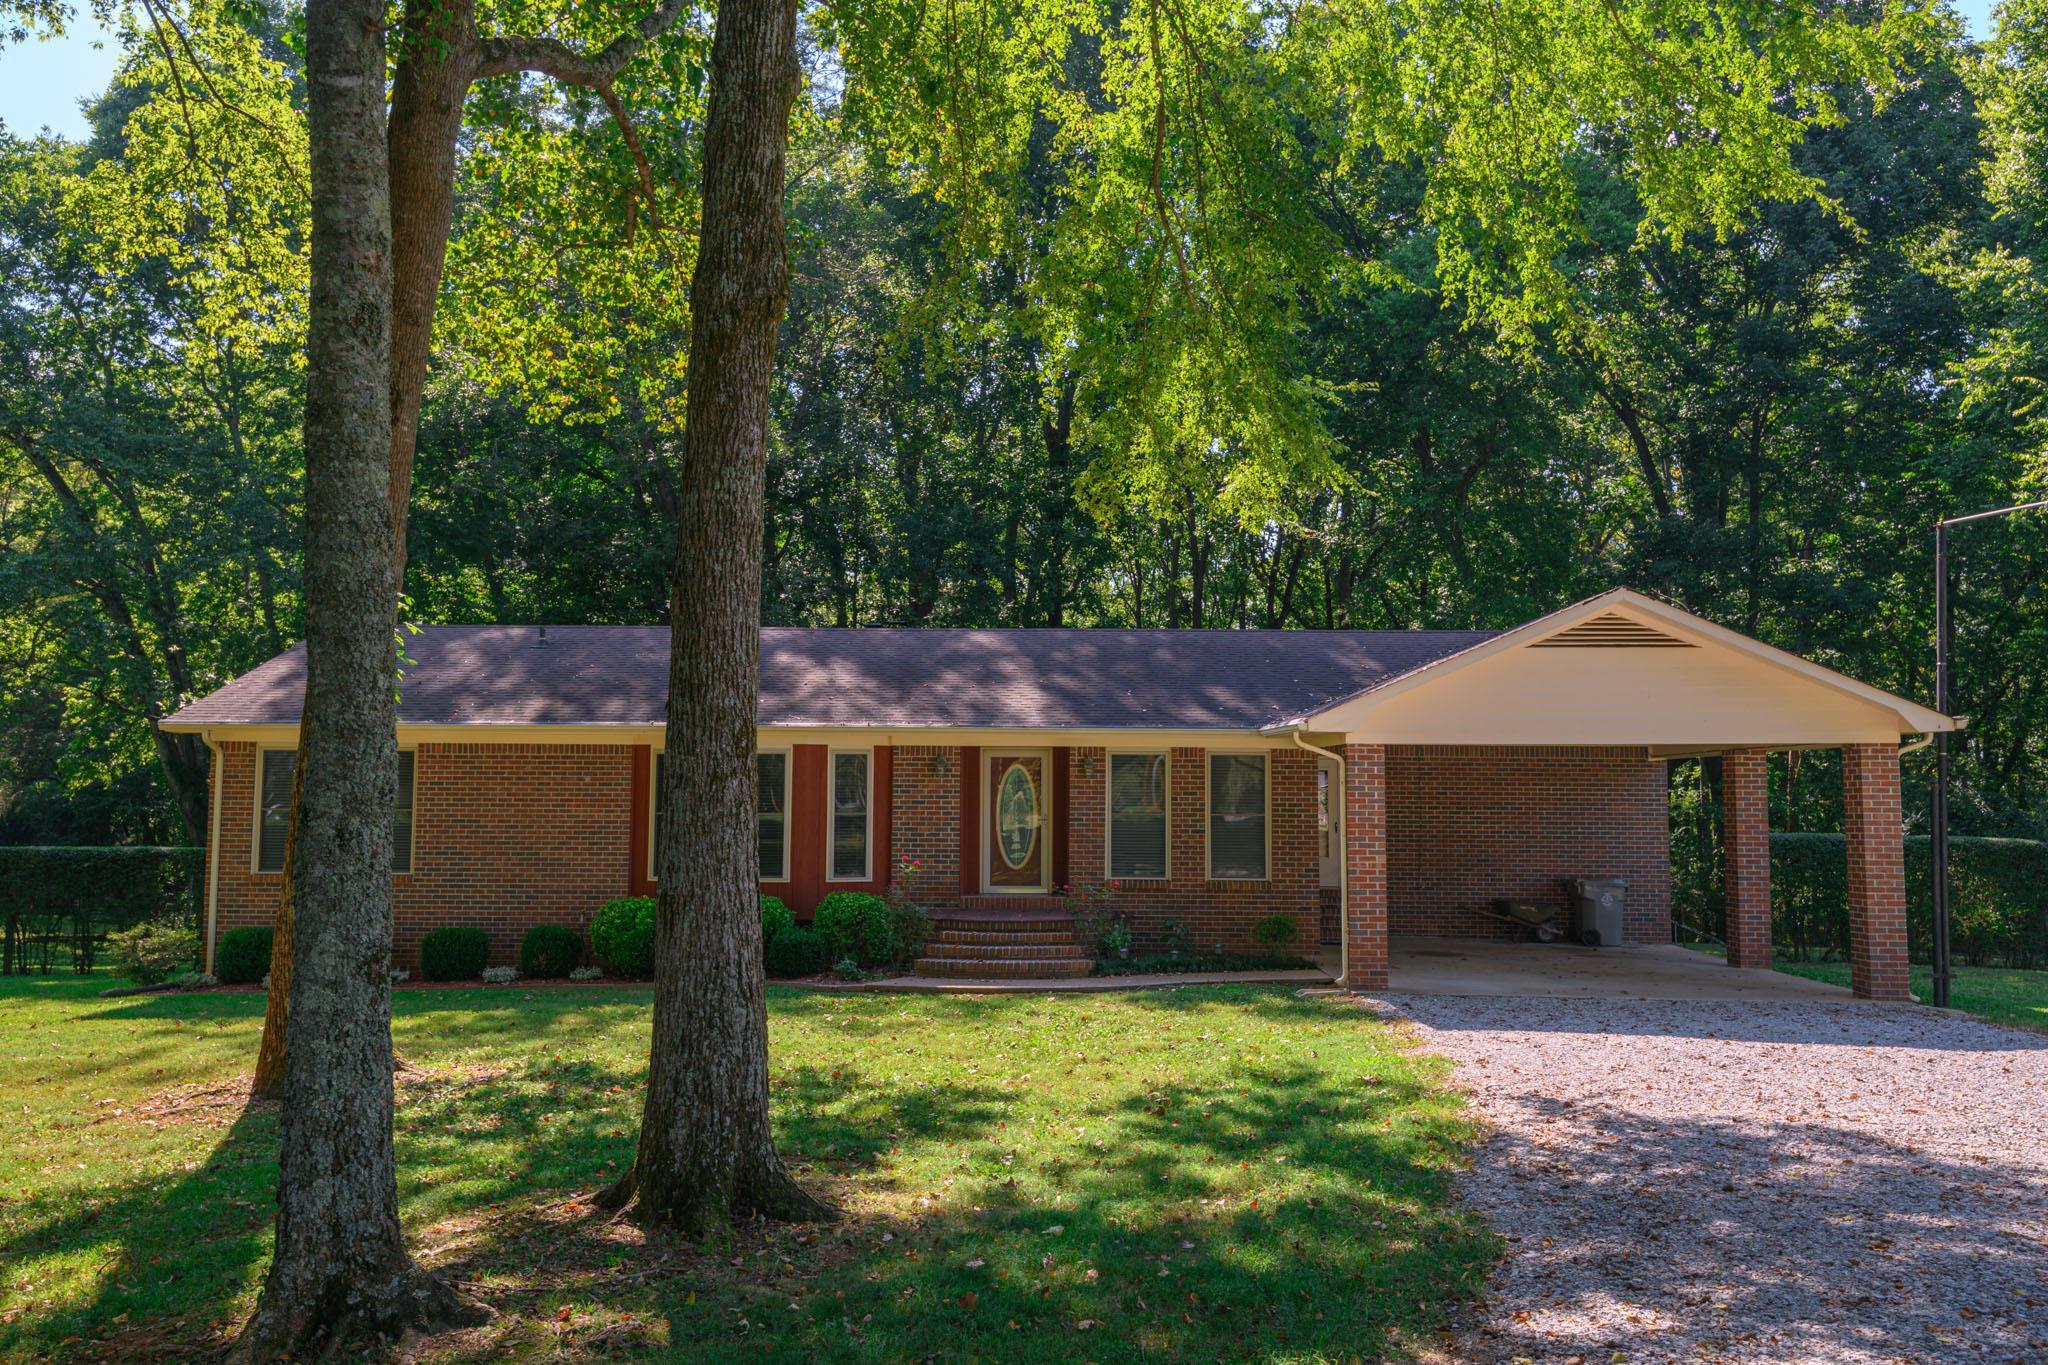 622 EASTBROOK ROAD, Estill Springs, TN 37330 - Estill Springs, TN real estate listing